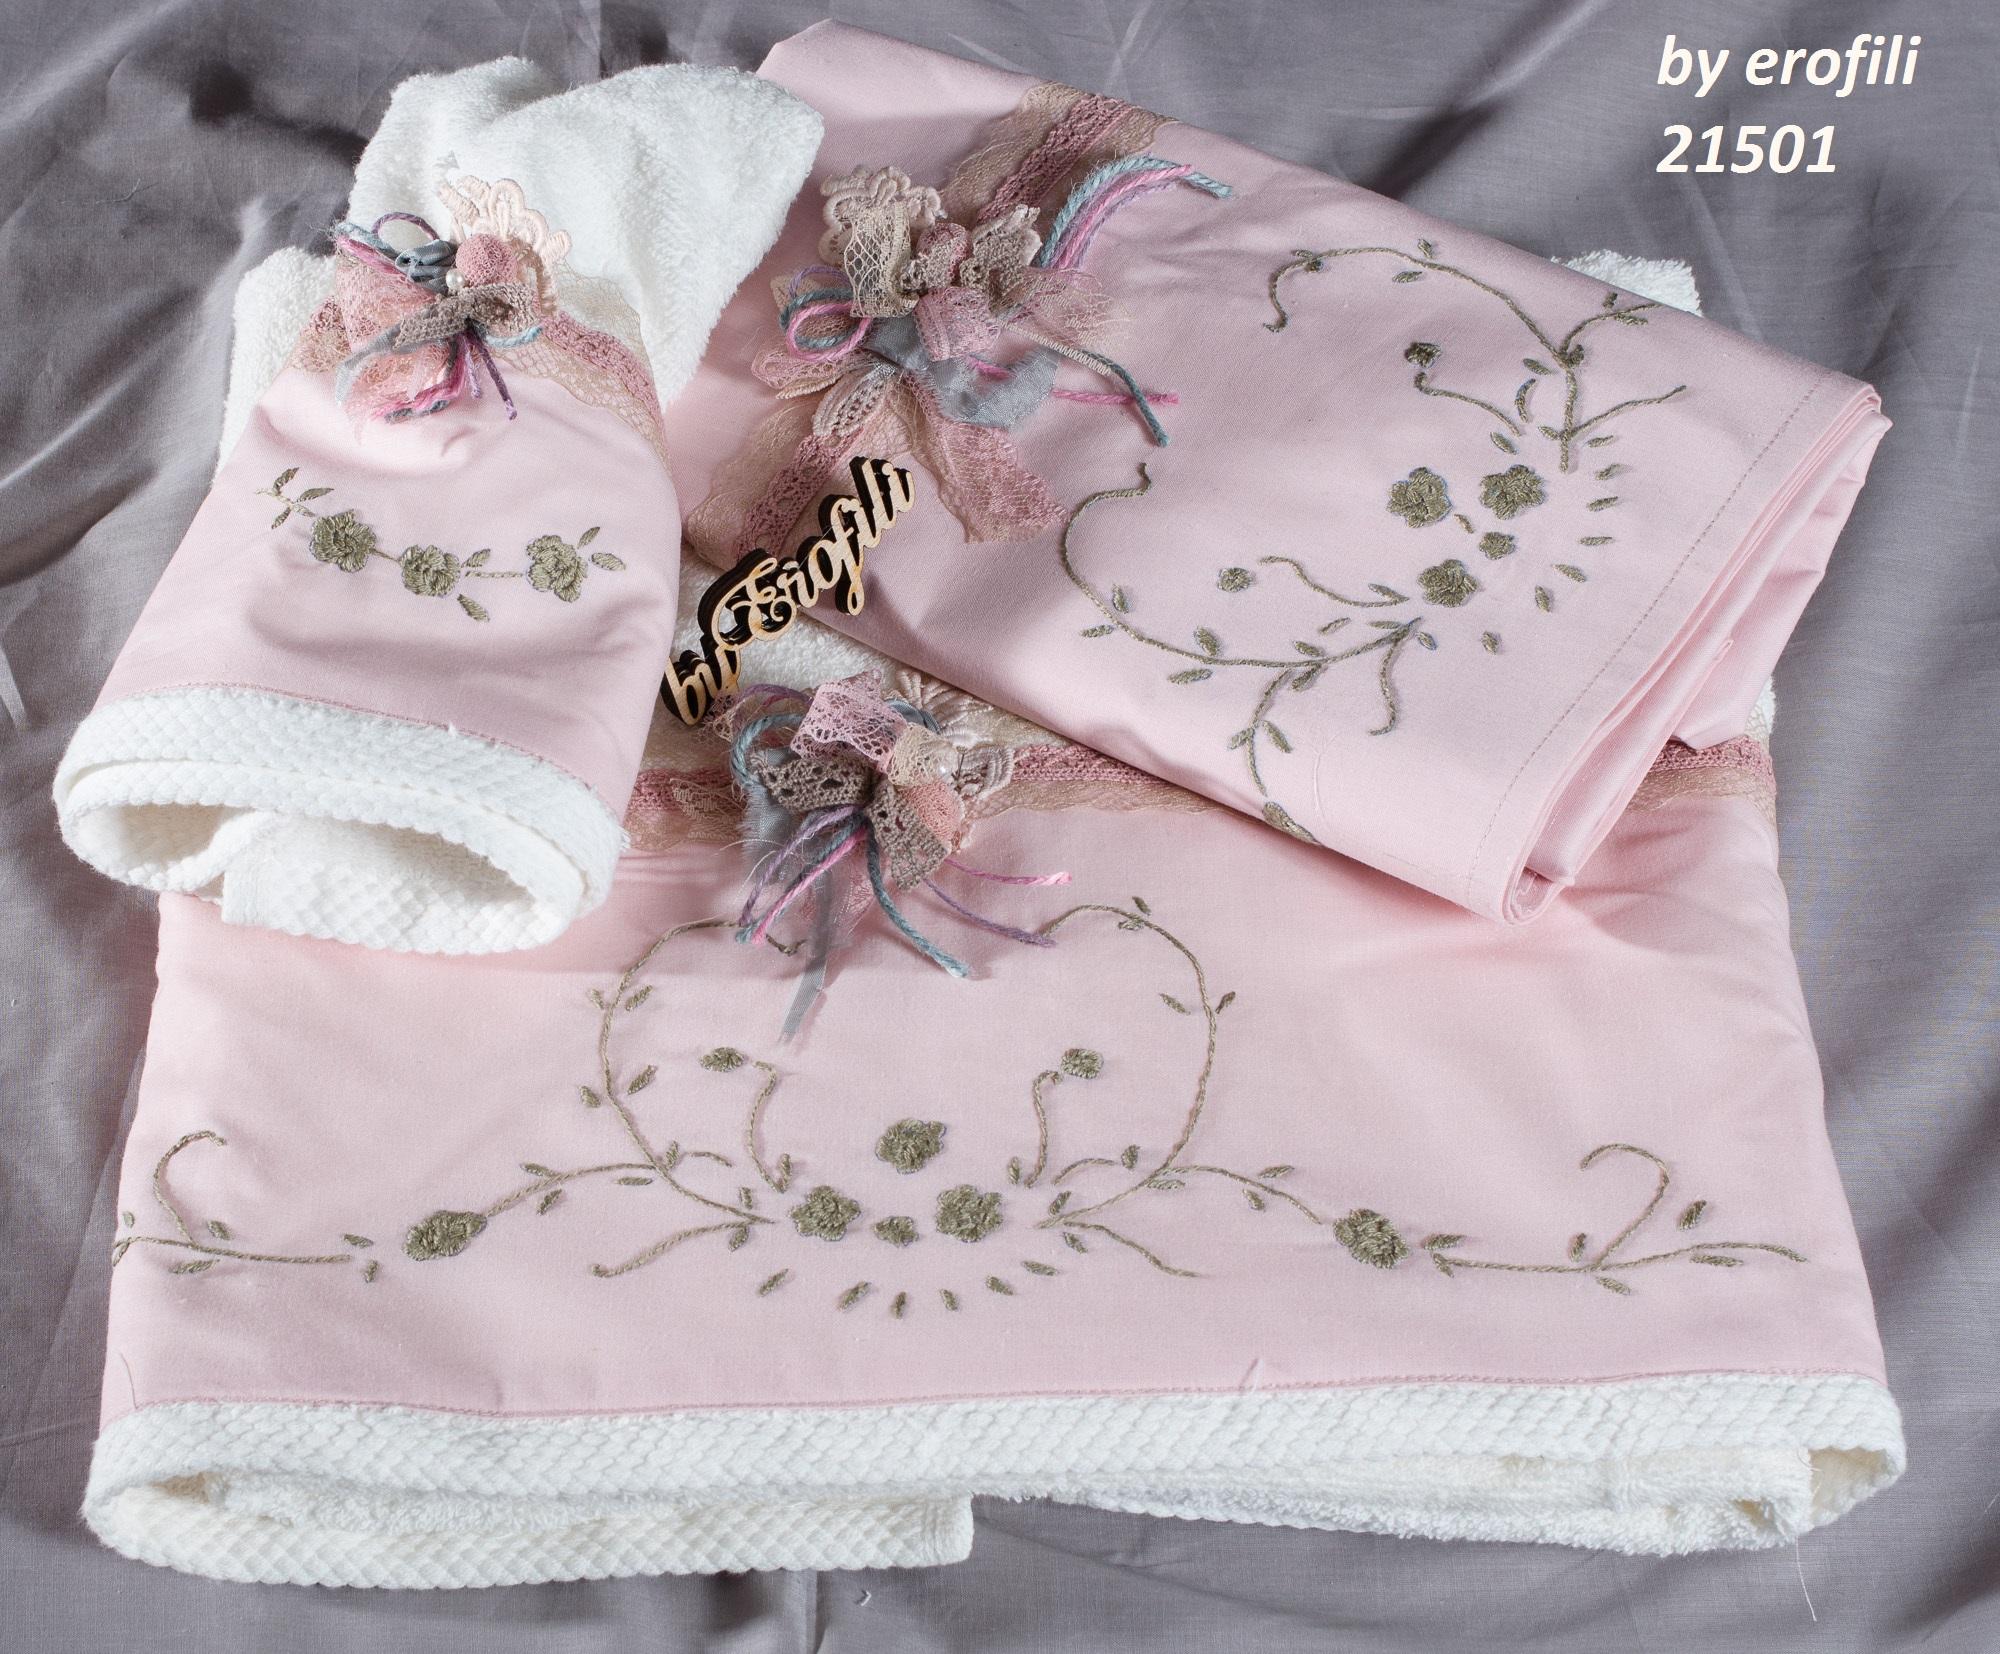 Ένα ρομαντικό σετ βάπτισης για κορίτσι σε ροζ και λαδί τόνους με θέμα τα λουλούδια. Περιλαμβάνει: Πετσετάκια και λαδοπάνα διακοσμημένα με υφασμάτινα λουλούδια και κεντημένα στο χέρι με το θέμα της βάφτισης Βαφτιστικό κουτί Ένα ενθύμιο που θα αποχωριστείτε ποτέ! Ένα πλήρες σετ βάφτισης με κουτί, λαμπάδα, κεριά, πετσέτες, λαδοσέτ, λαδόπανα, 50 μαρτυρικά με το κουτάκι τους και βιβλίο ευχών ξεκινάει από 420 Ε